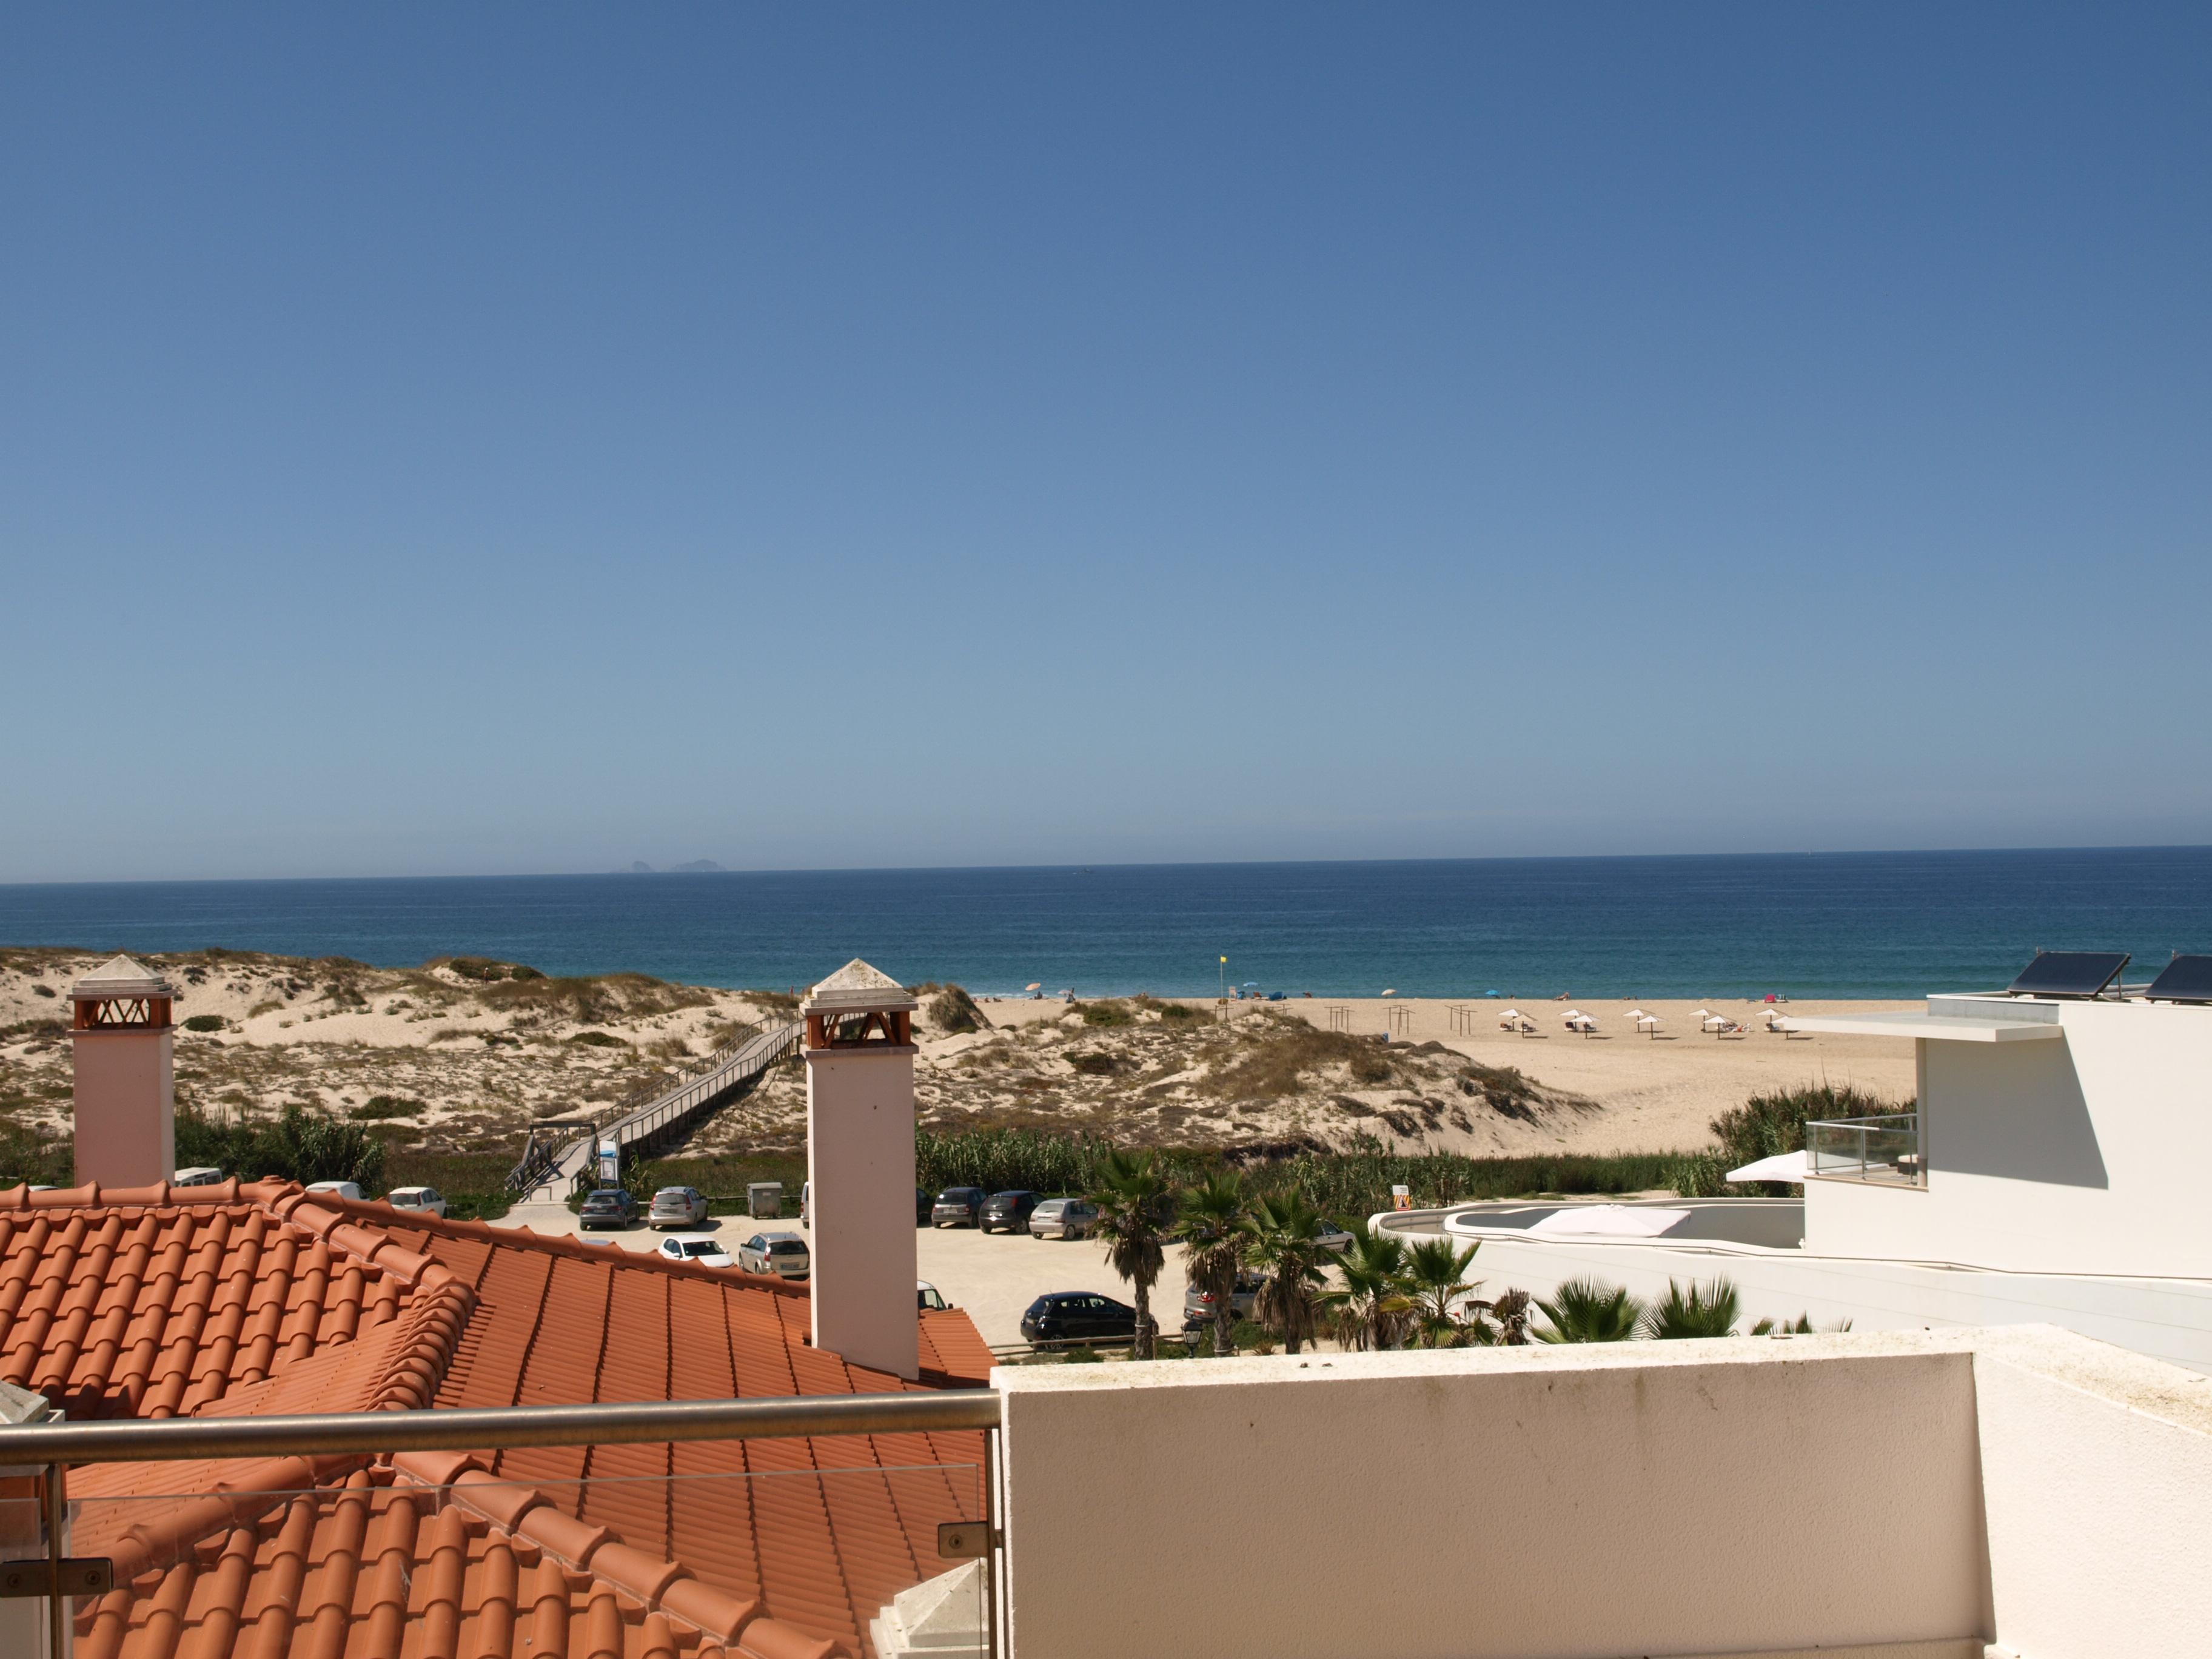 Praia D El Rey Villas For Sale